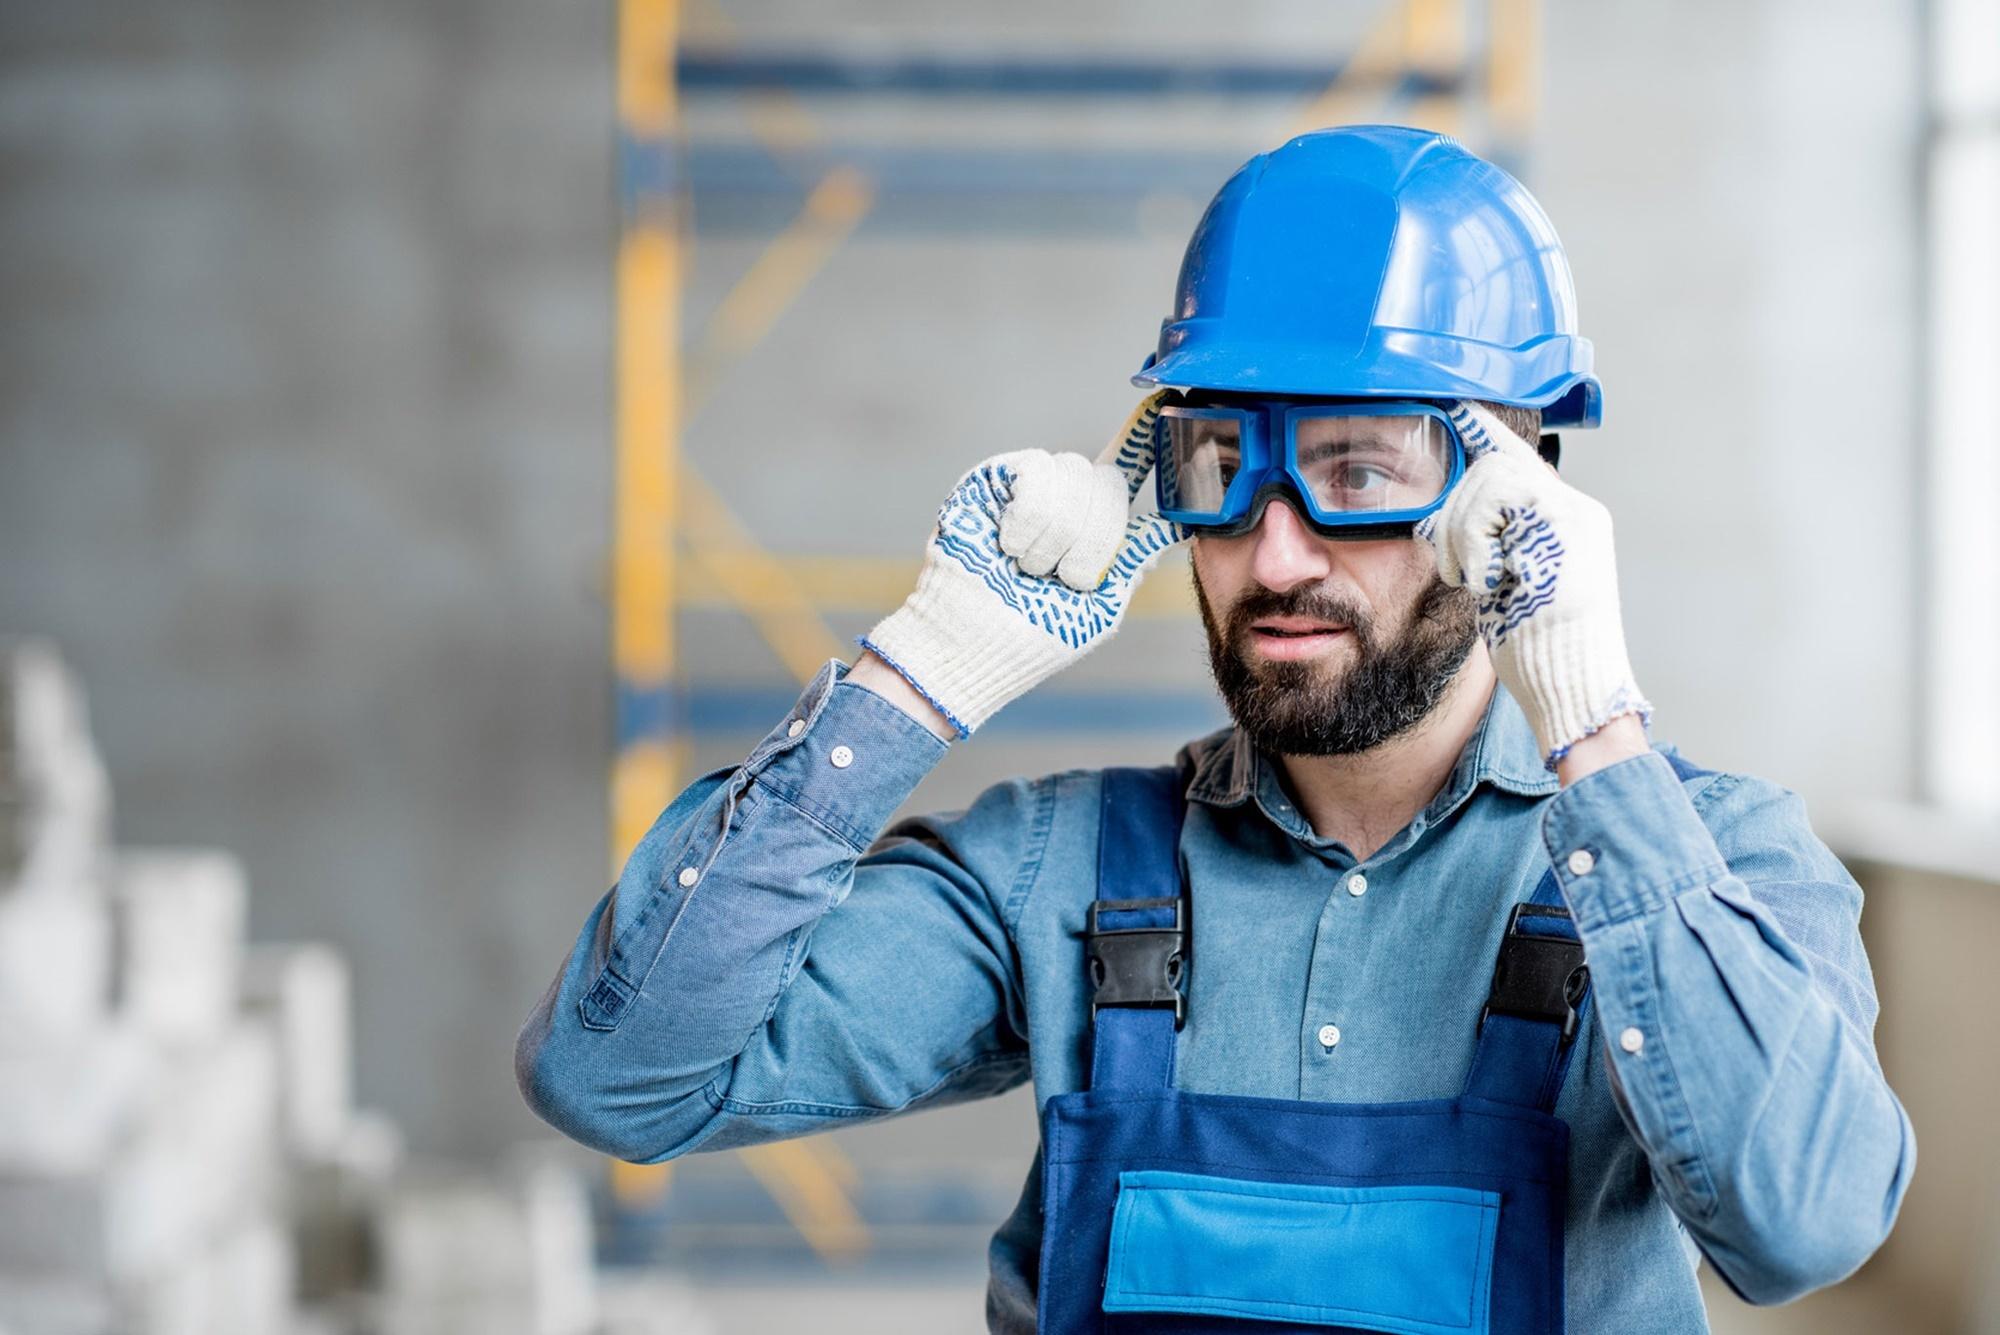 Melhores práticas para prevenir acidentes de trabalho